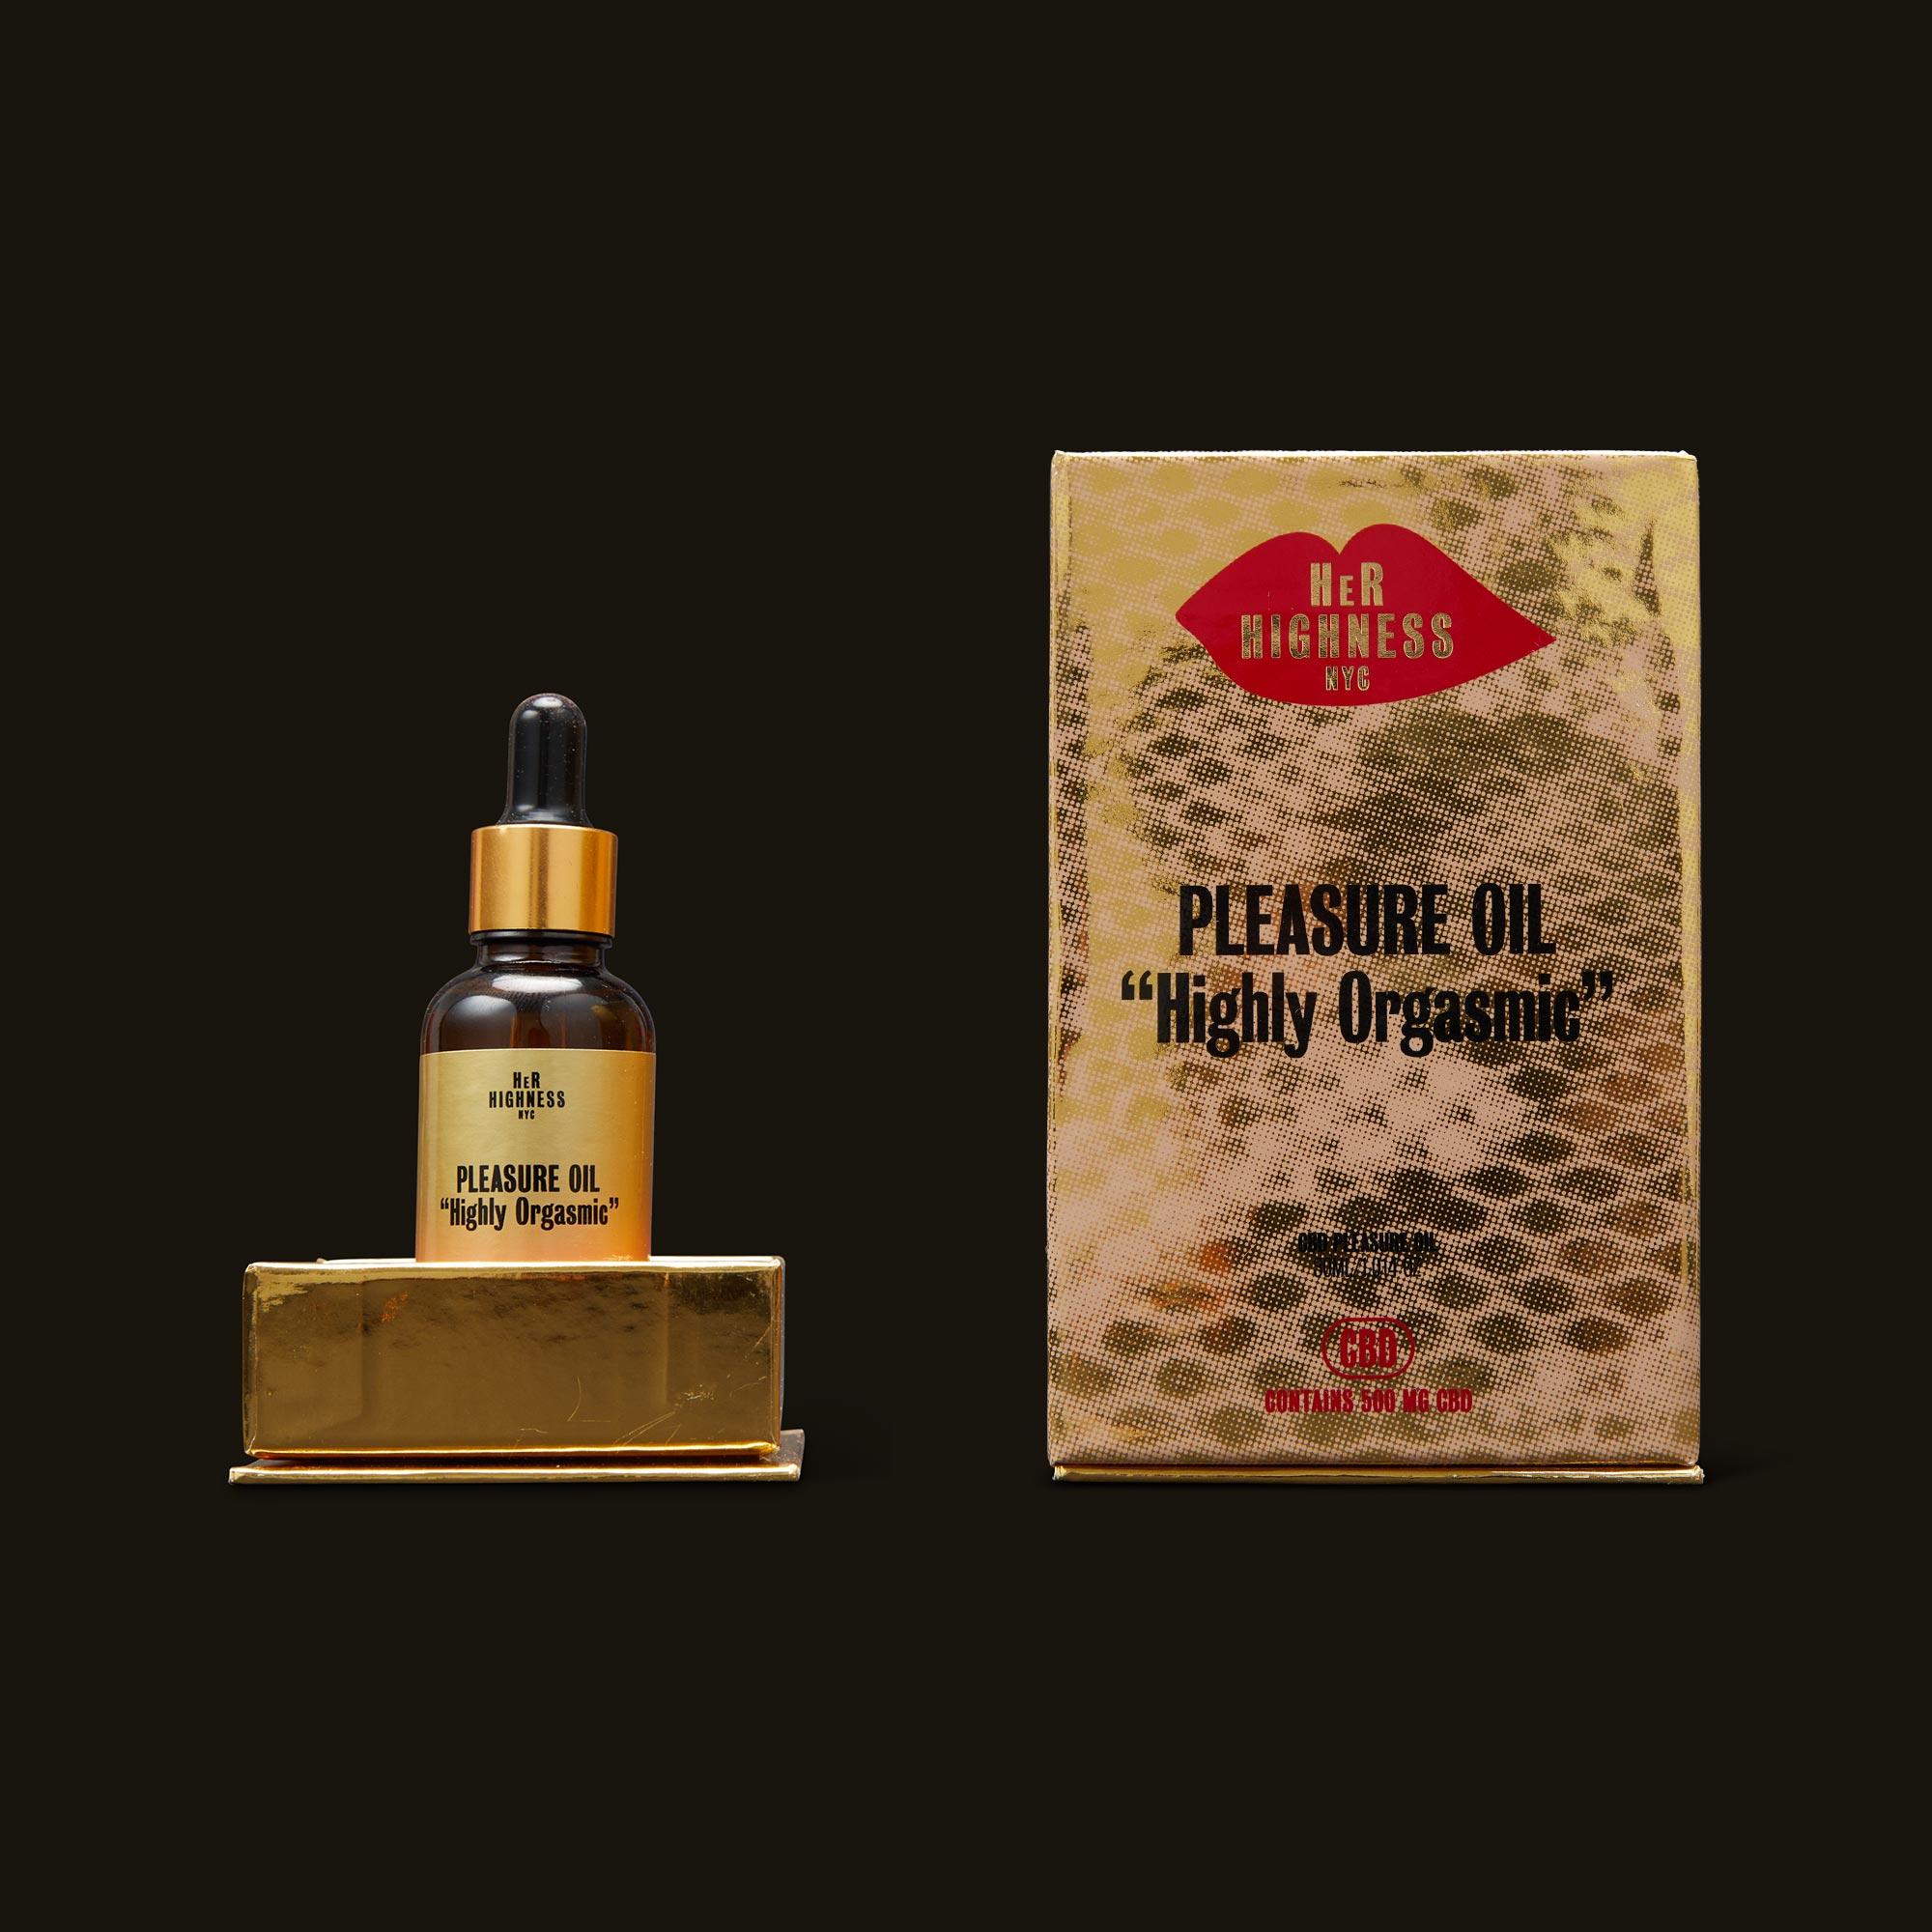 Her Highness CBD Pleasure Oil Open Box